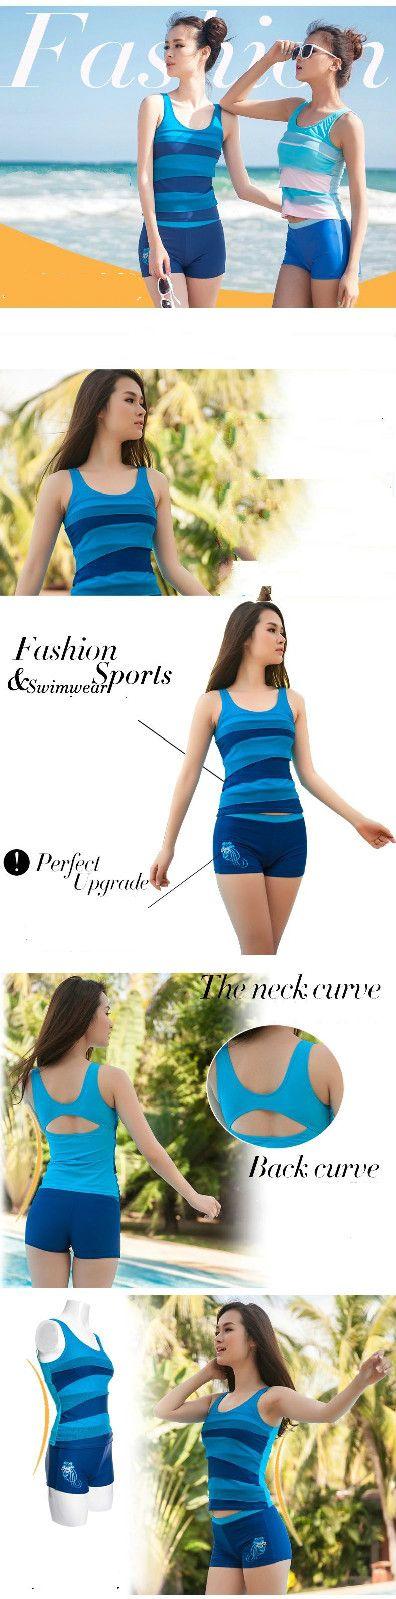 Мода женщин купальник из двух частей новый модест плавательные костюмы для спортивных женские спортивные топы и краткосрочный плавать свободного покроя WO HZB001 купить на AliExpress